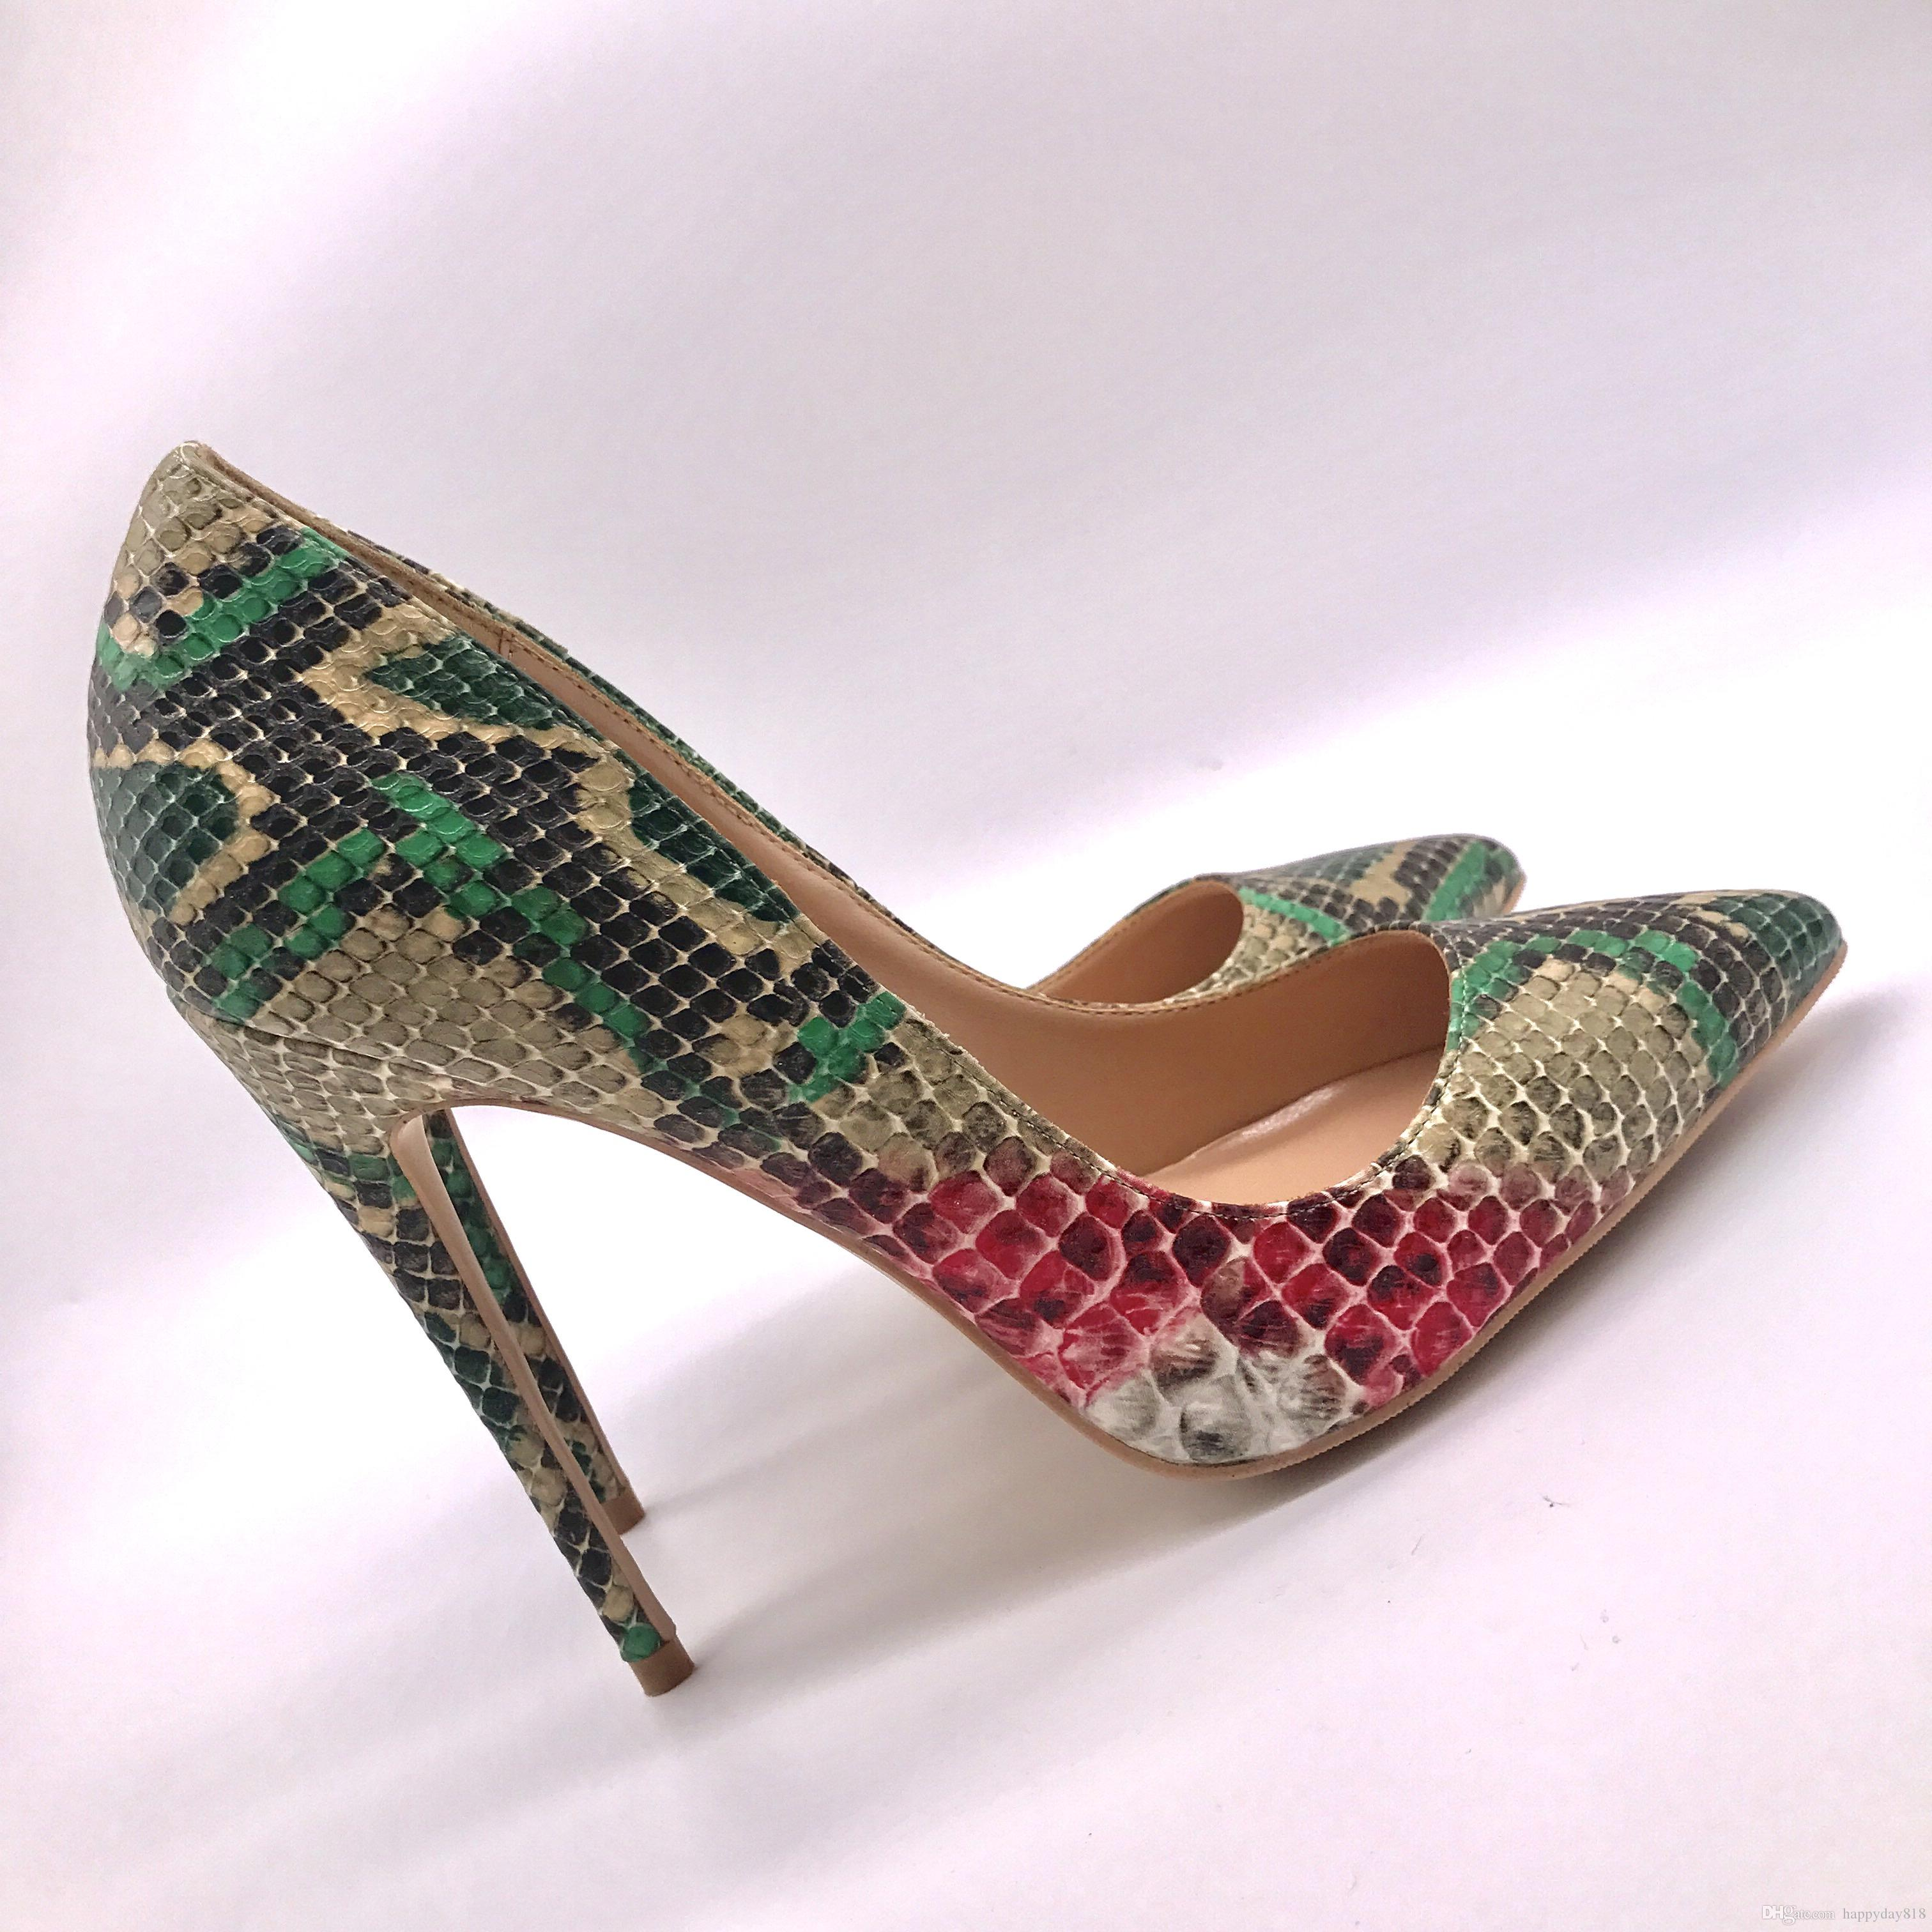 49693b5829c Compre Envío Gratis Mujeres De La Moda Bombas Serpiente Verde Python Prined  Charol Puntiagudo Tacones Altos Sandalias Zapatos Botas 120mm 100mm 80mm A  ...